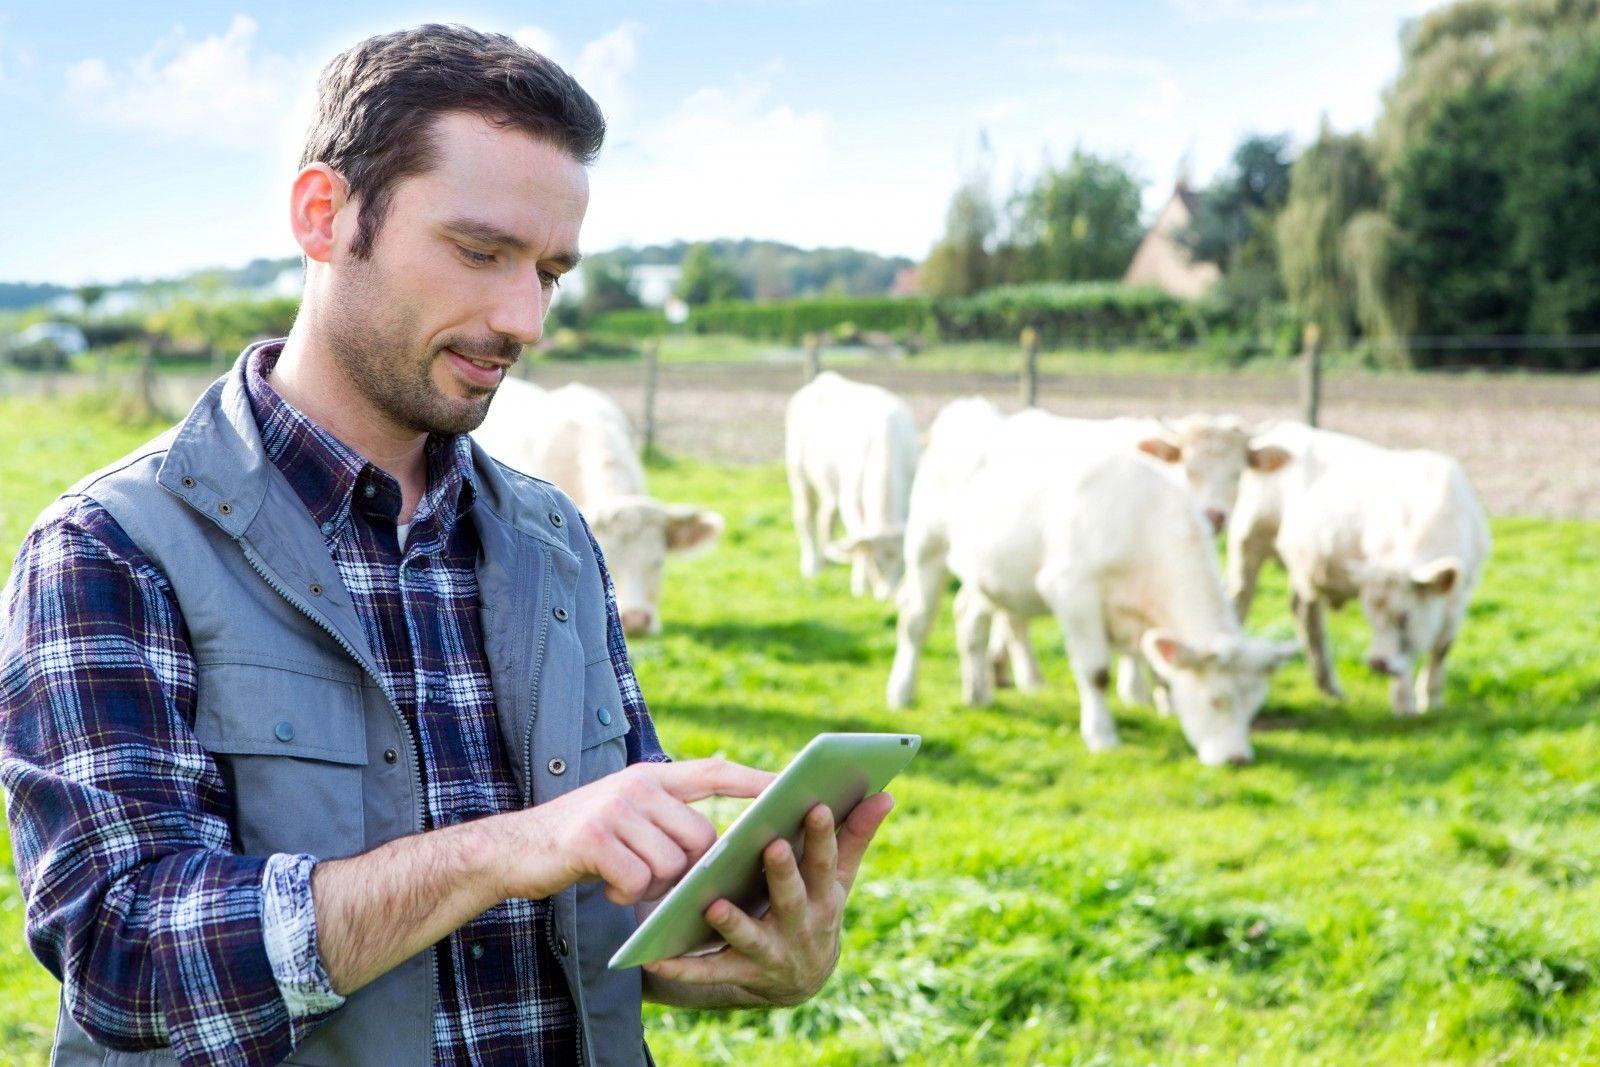 Курским фермерам помогут в Центре компетенций в сфере сельскохозяйственной кооперации